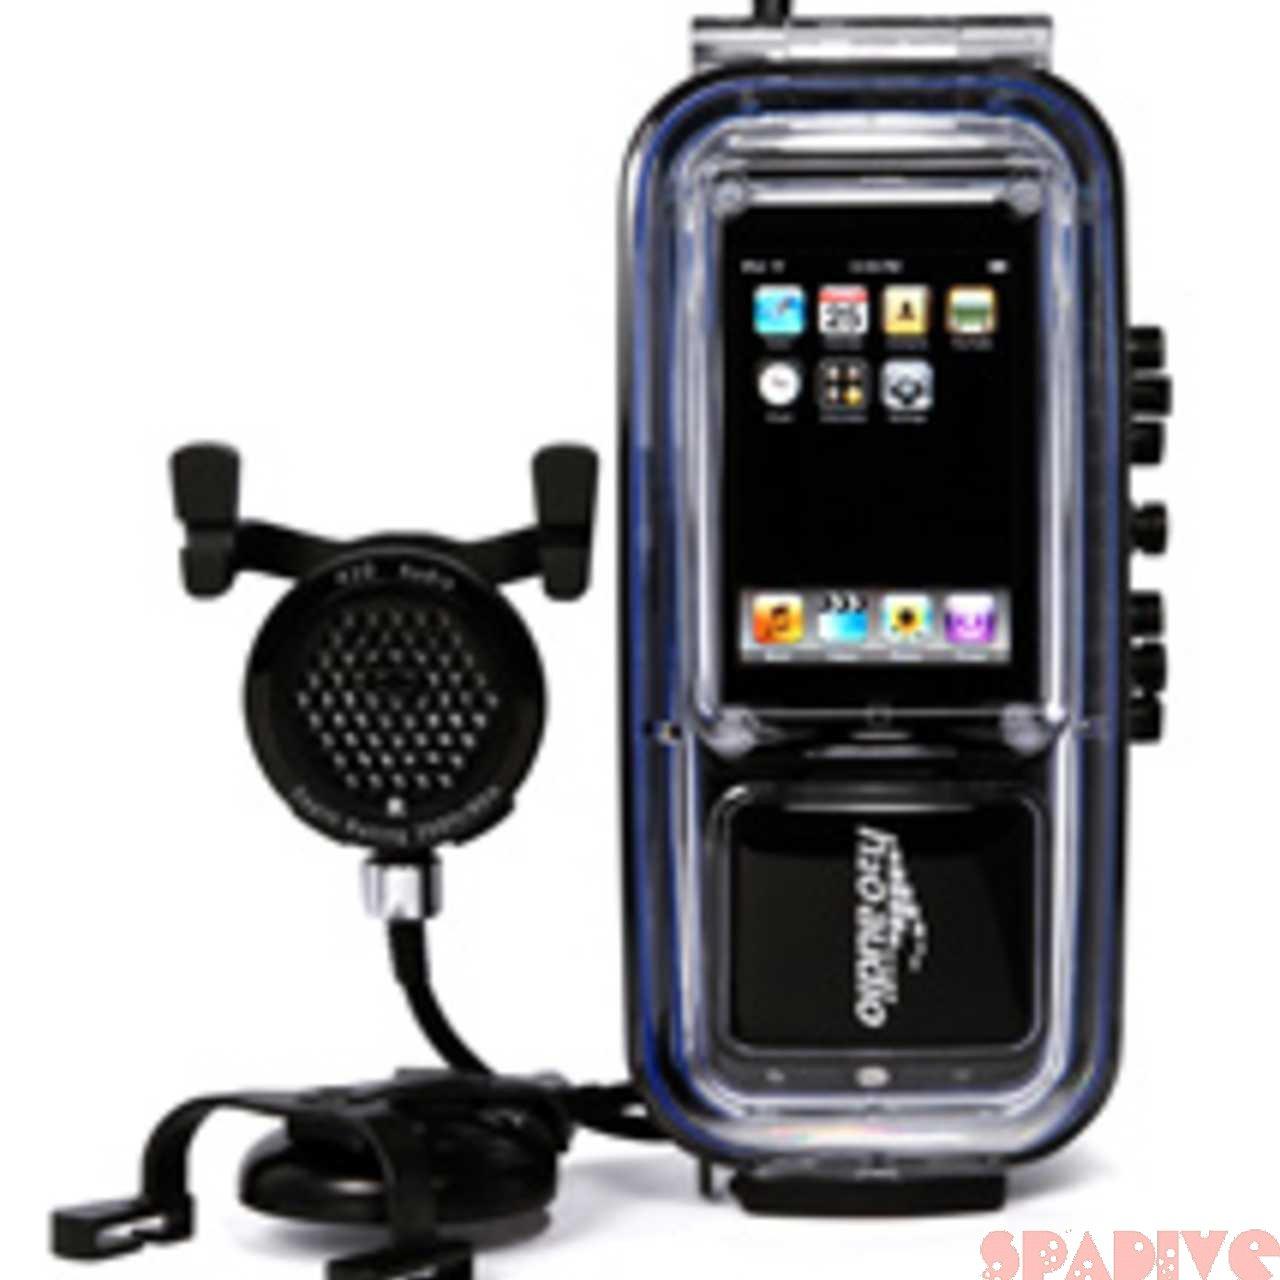 ダイビング可能!iphone/ipod用90m防水ケース「iDIVE300」